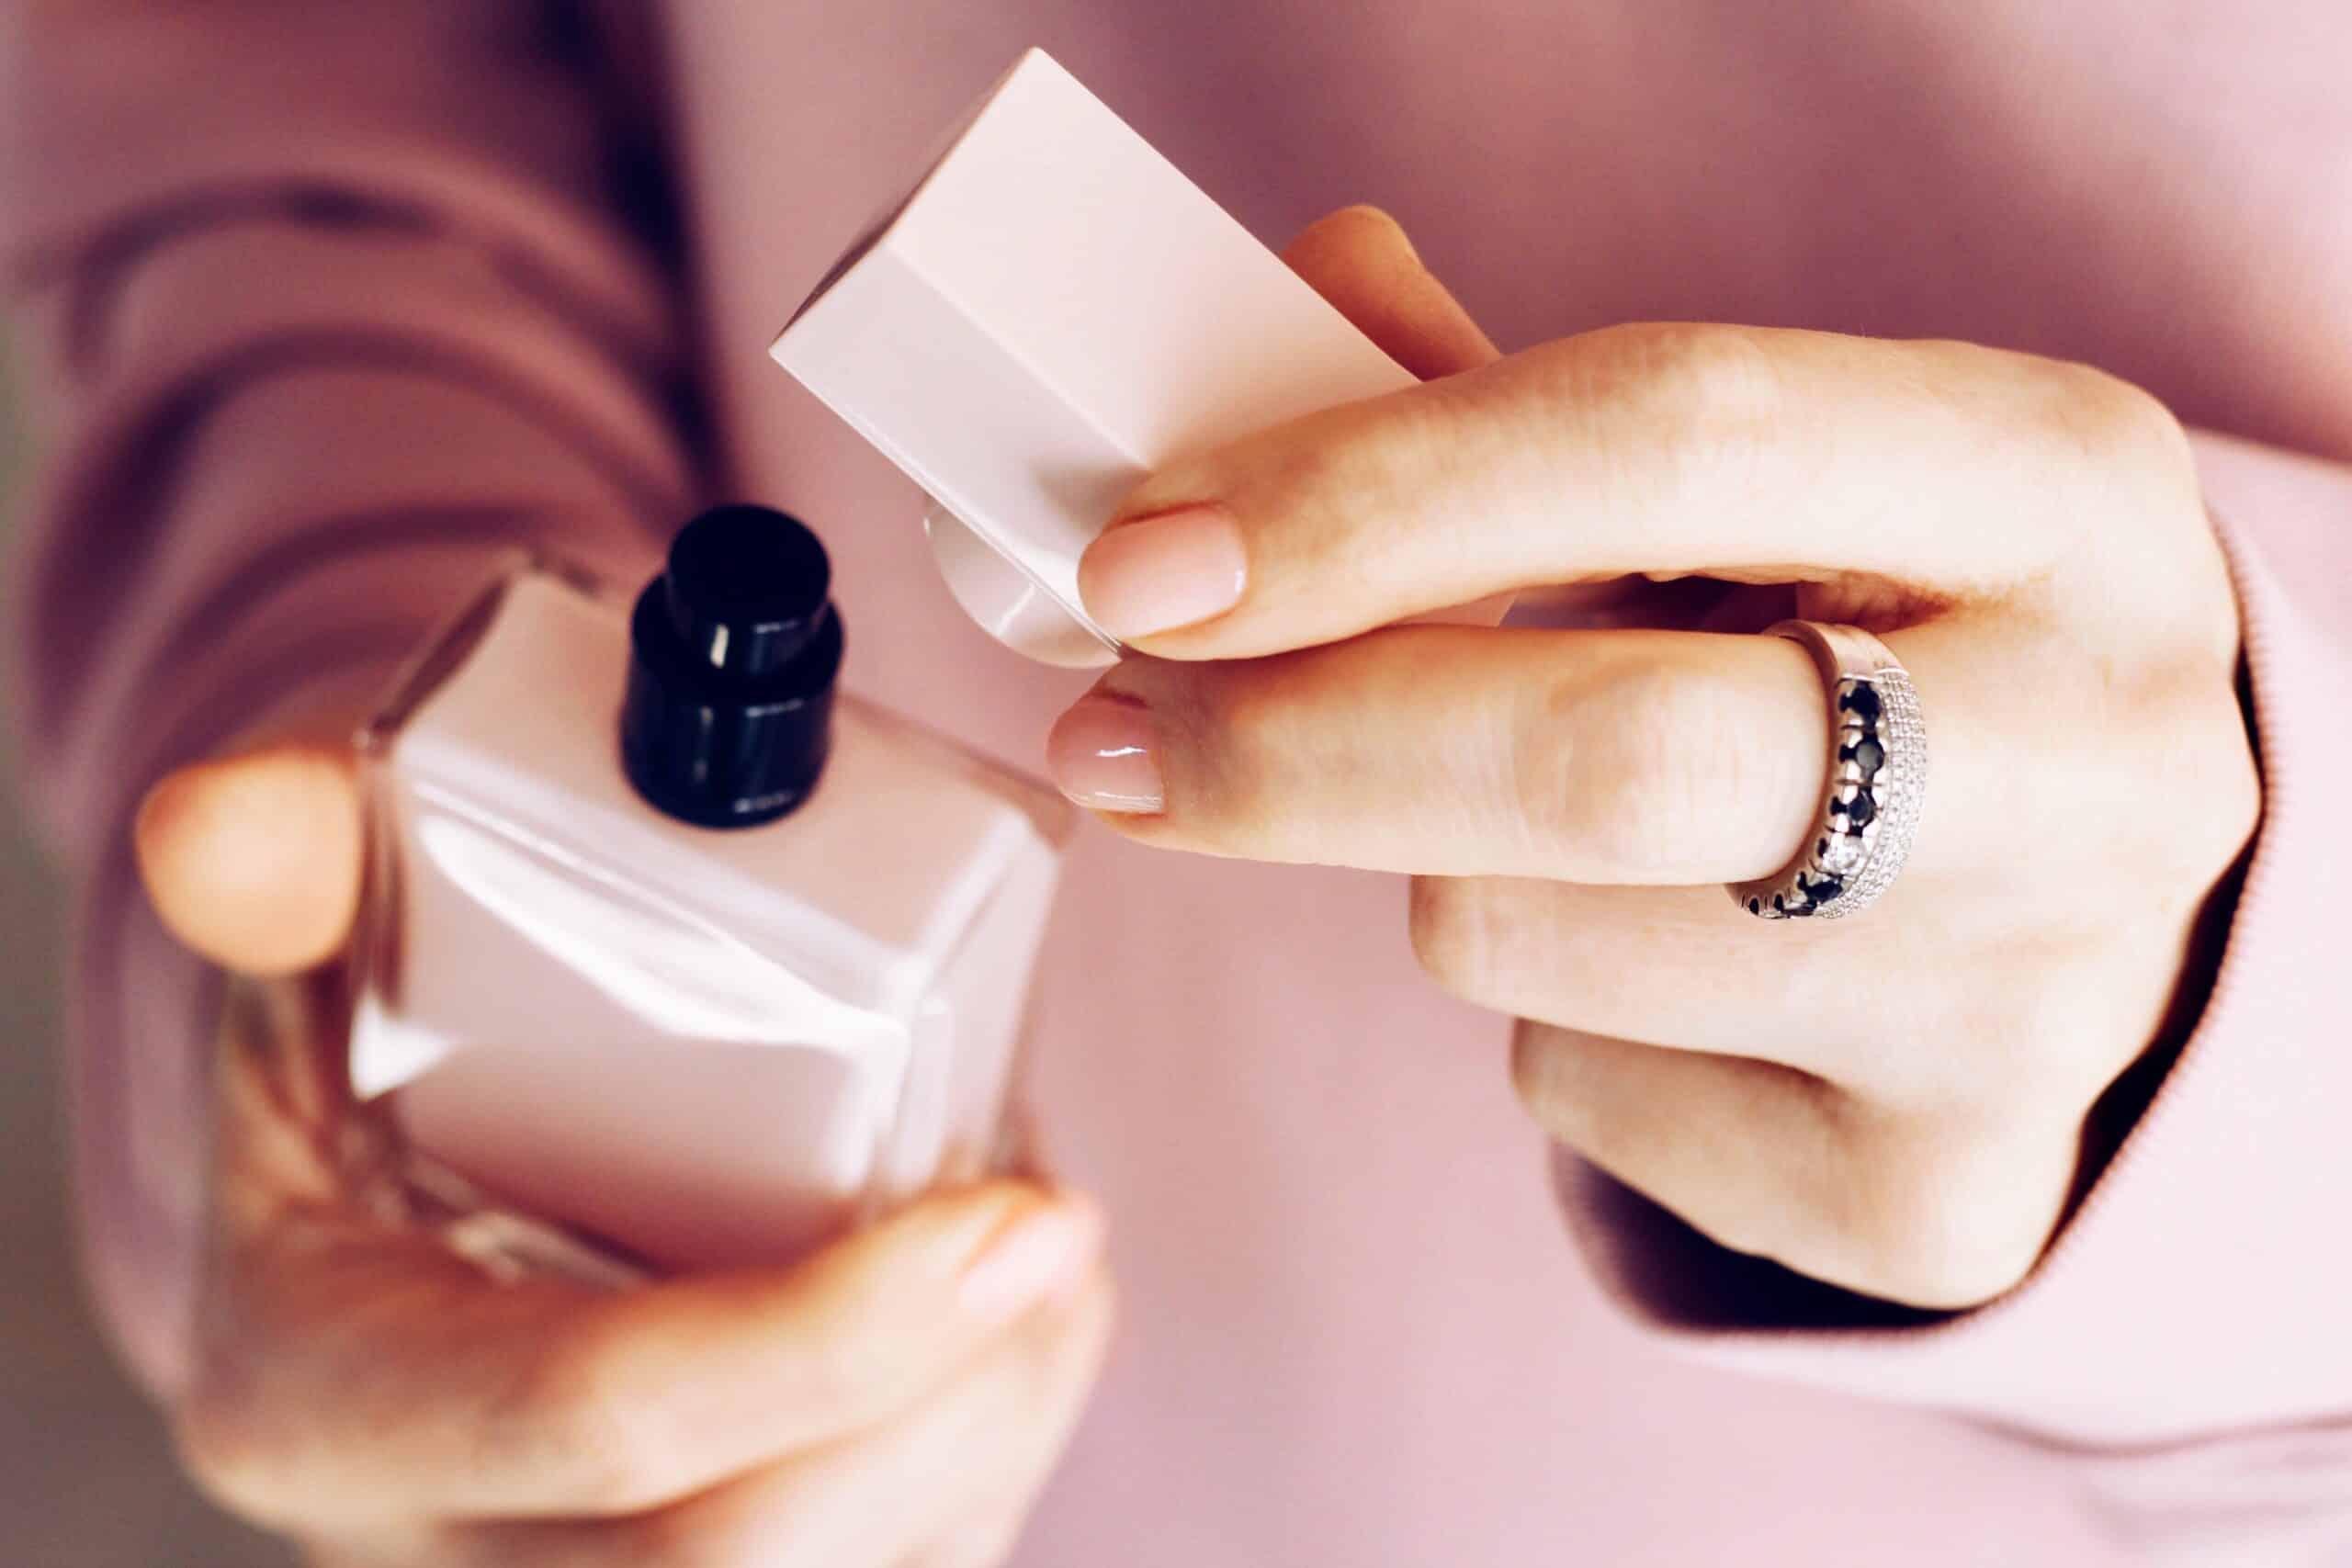 perfume-QG38VV6